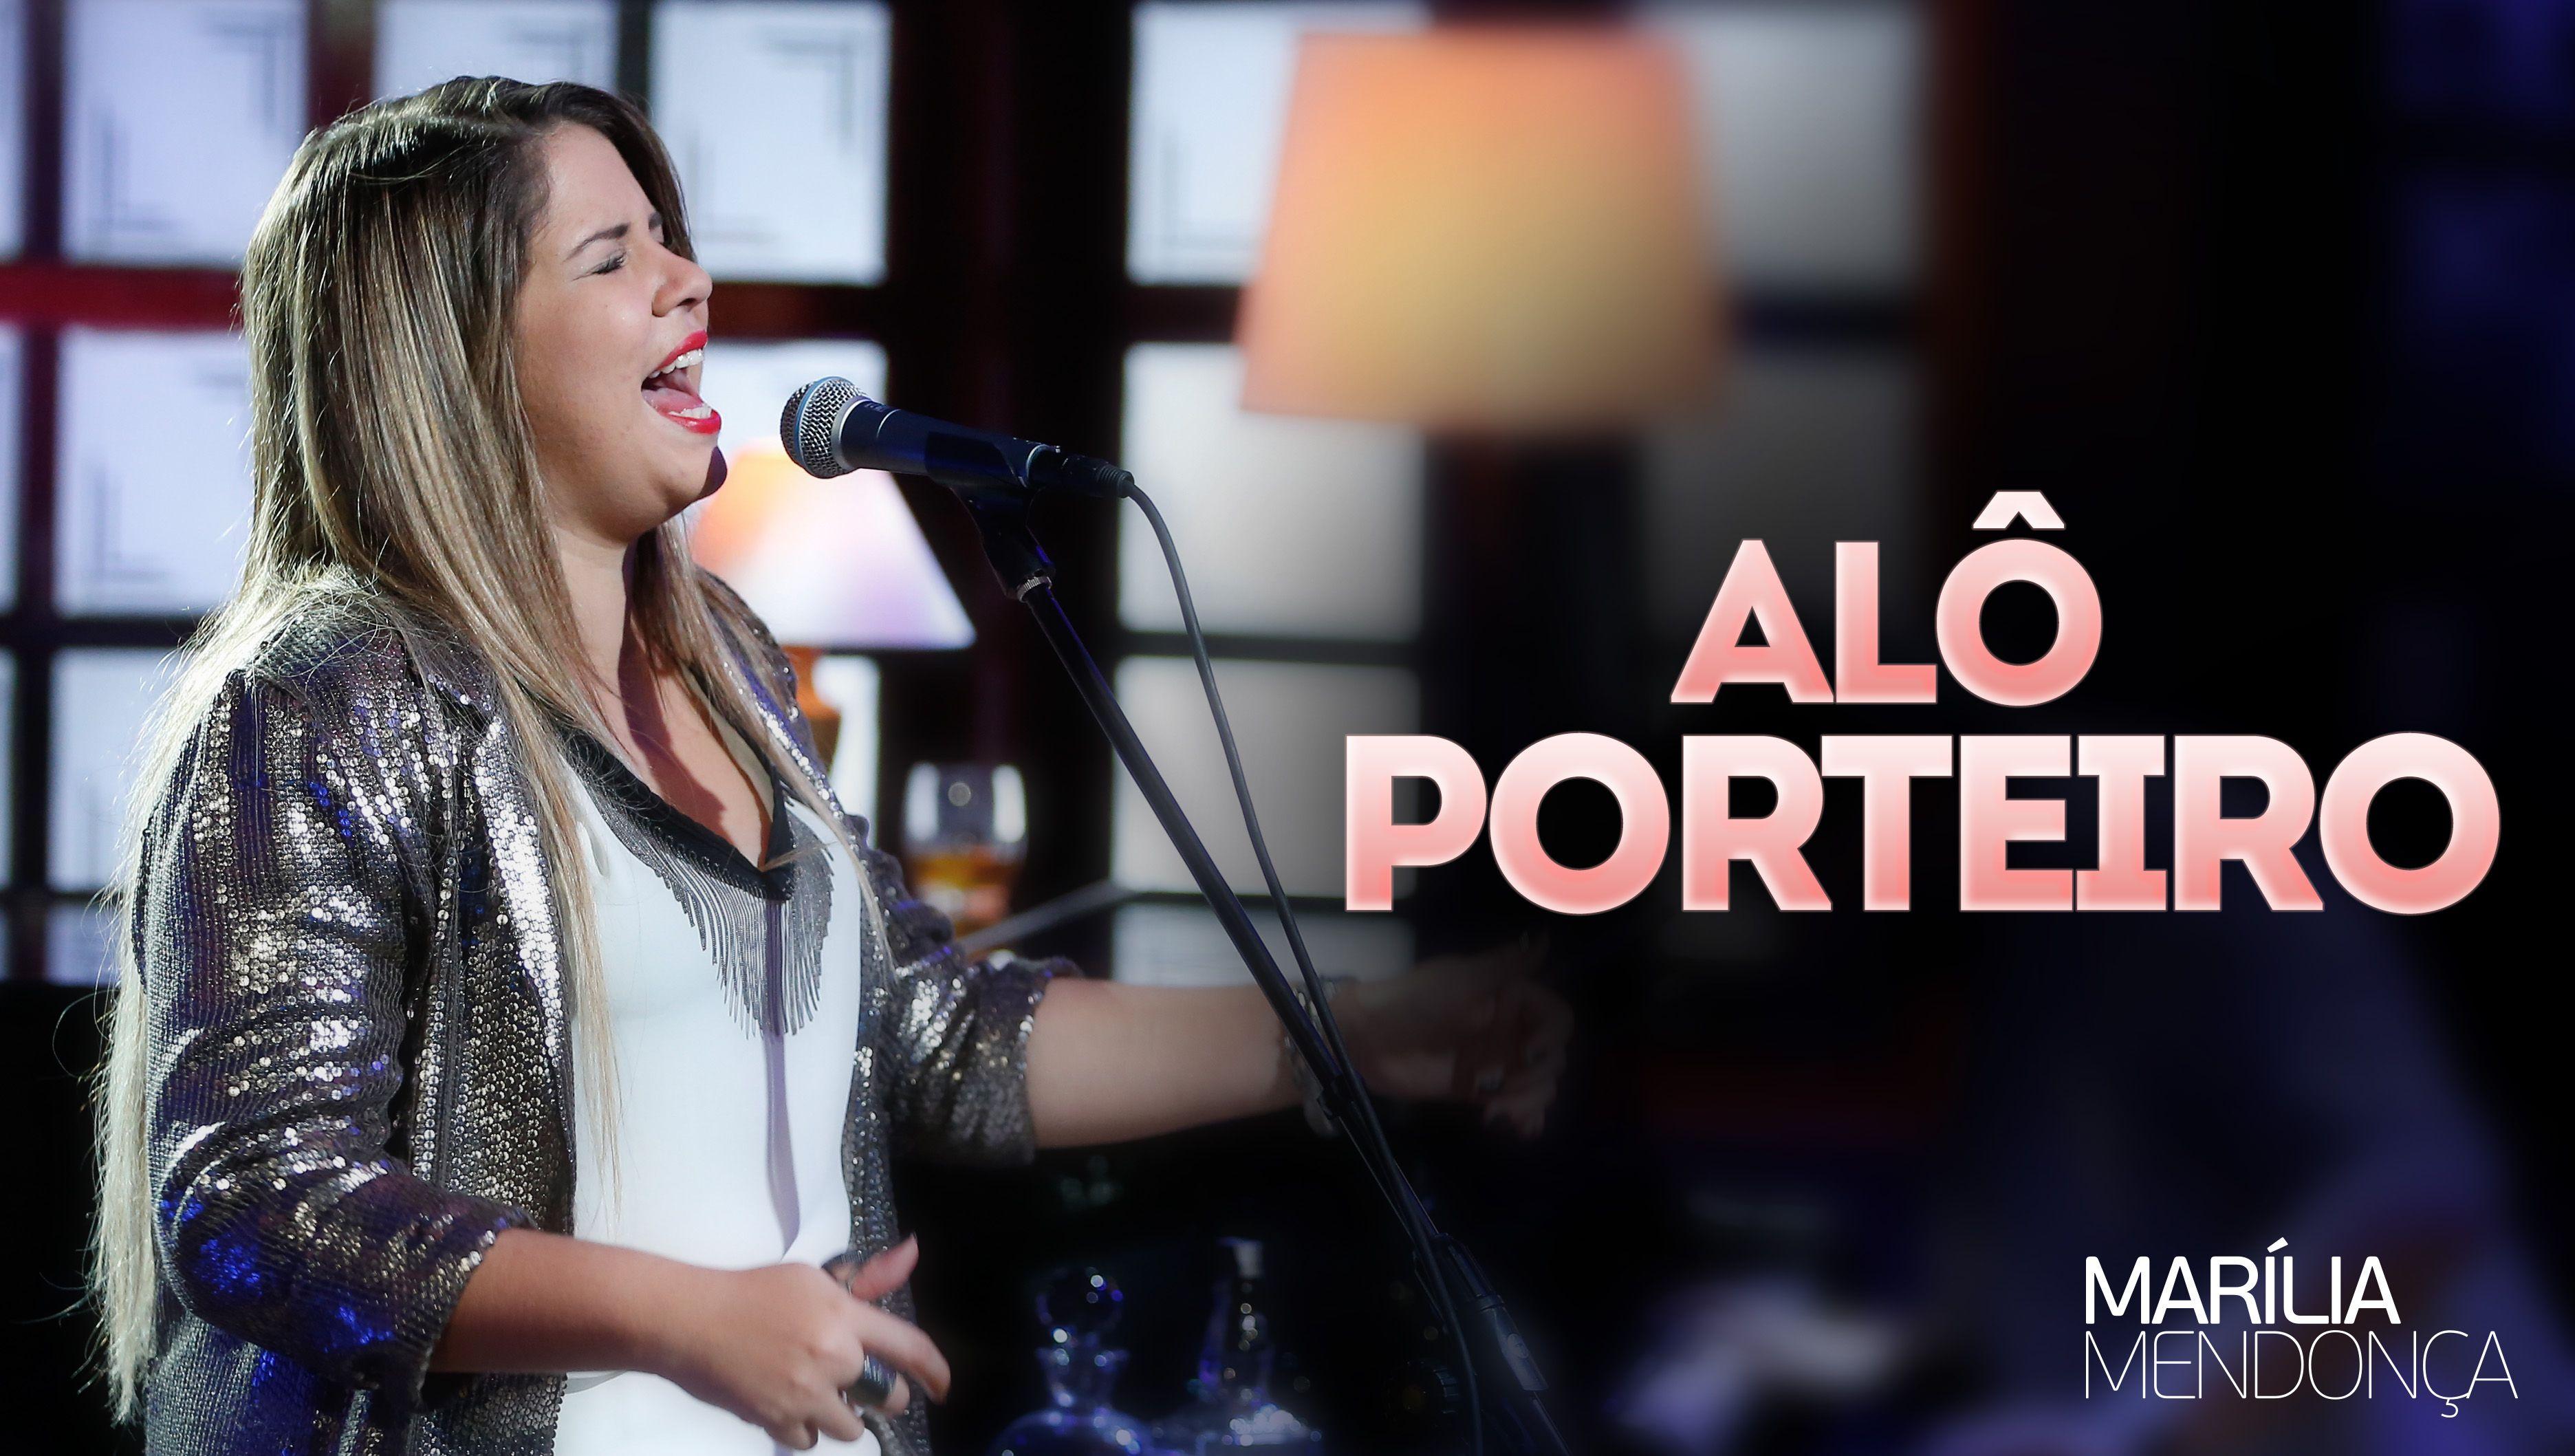 Alô Porteiro Marília Mendonça Letrasmusbr